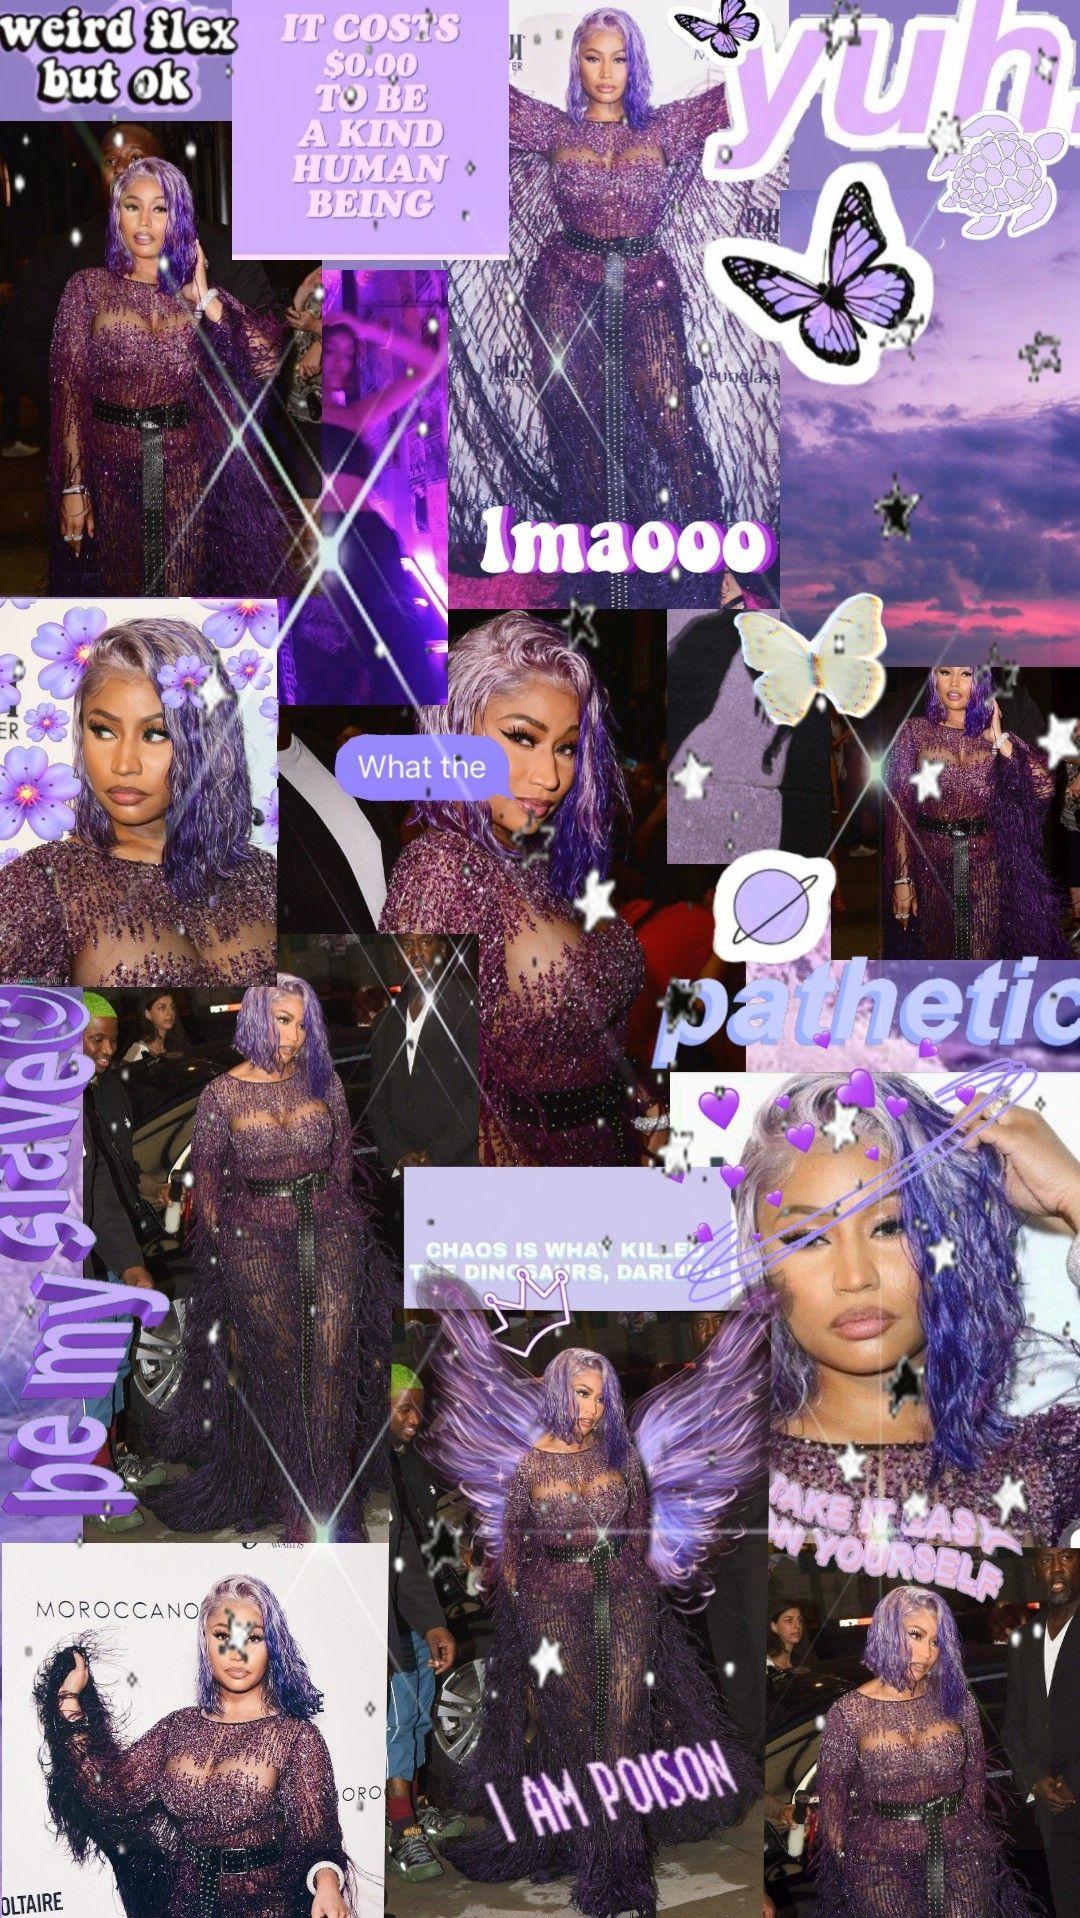 𝑵𝒊𝒄𝒌𝒊 𝒘𝒂𝒍𝒍𝒑𝒂𝒑𝒆𝒓𝒔☆ in 2020 Nicki minaj wallpaper, Nicki